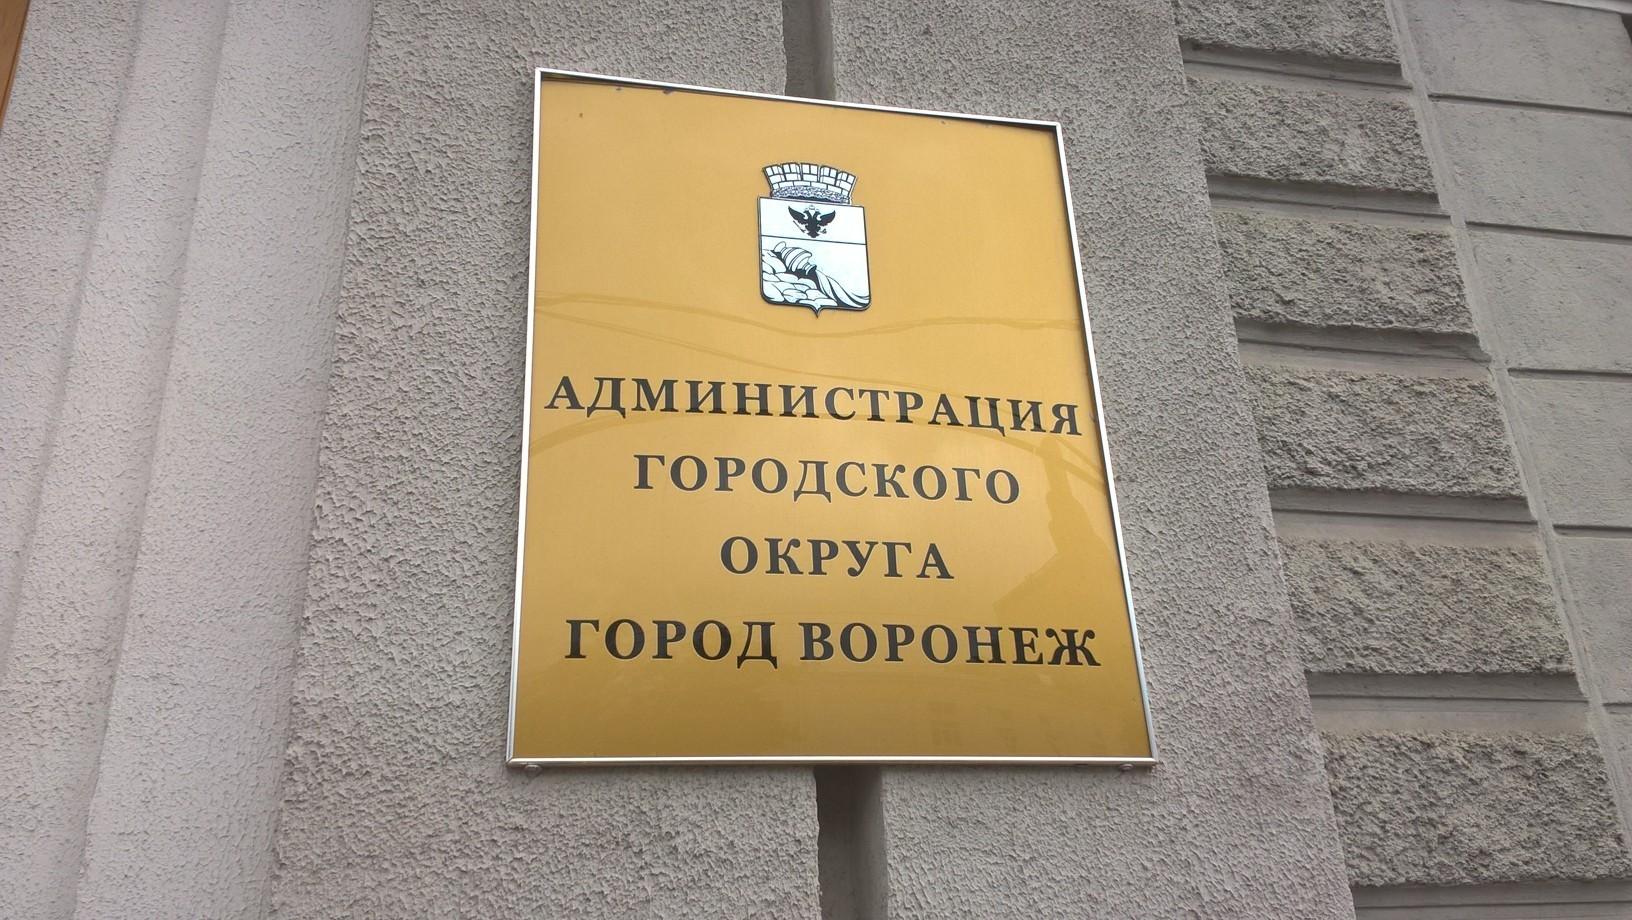 Контрольно-аналитическое управление мэрии Воронежа возглавил бывший полицейский